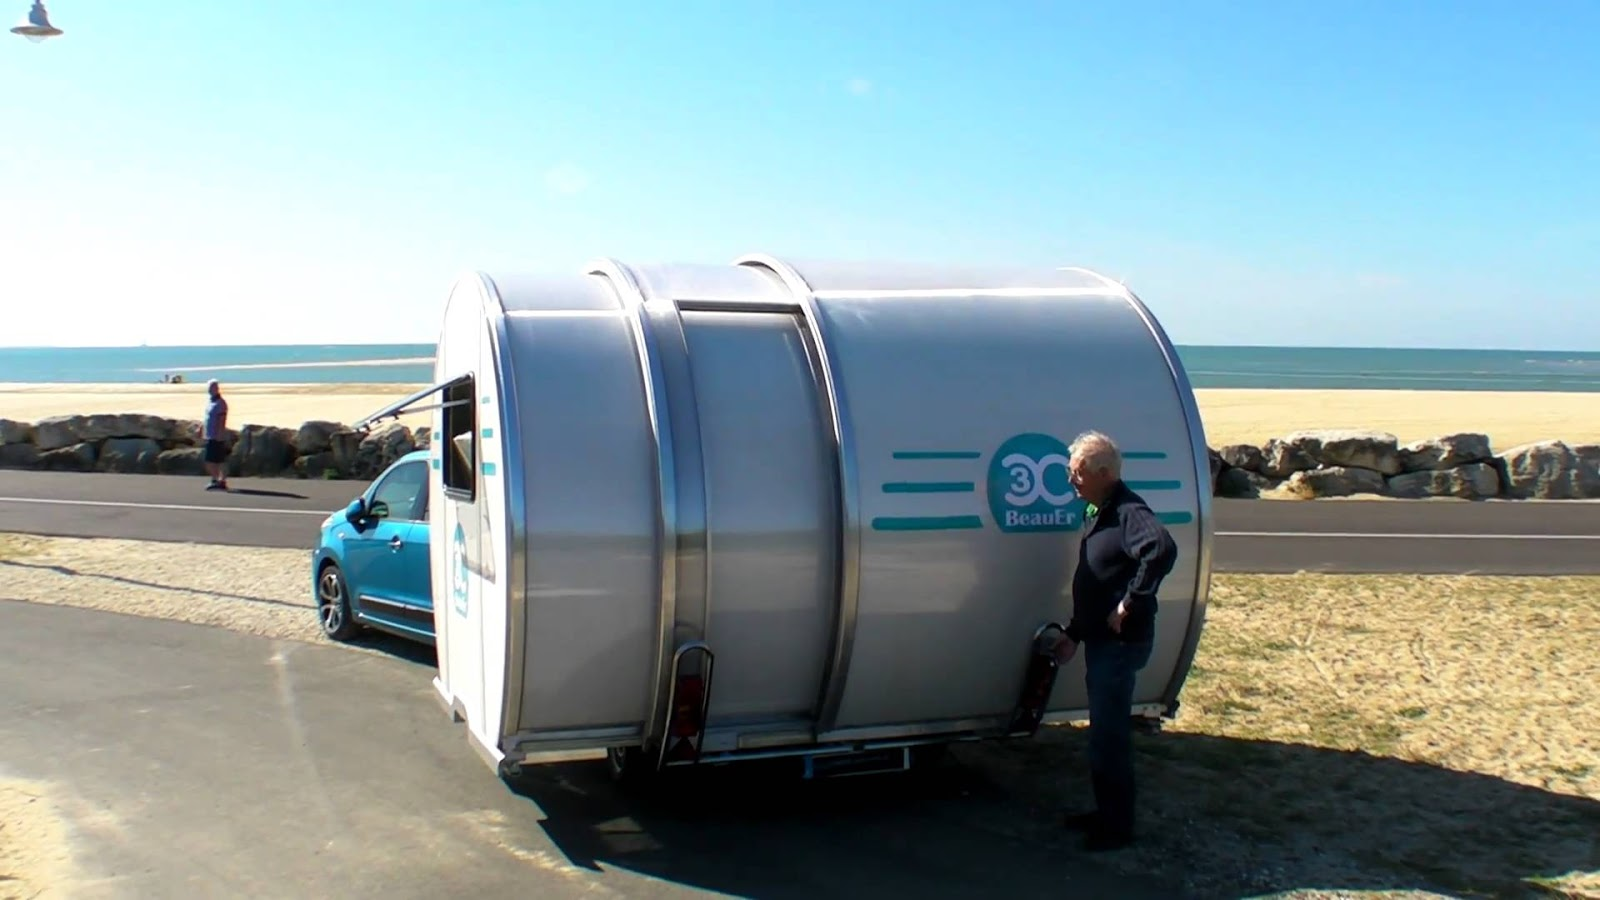 Beauer dévoile un camping-car qui s'agrandit pour accueillir six personnes